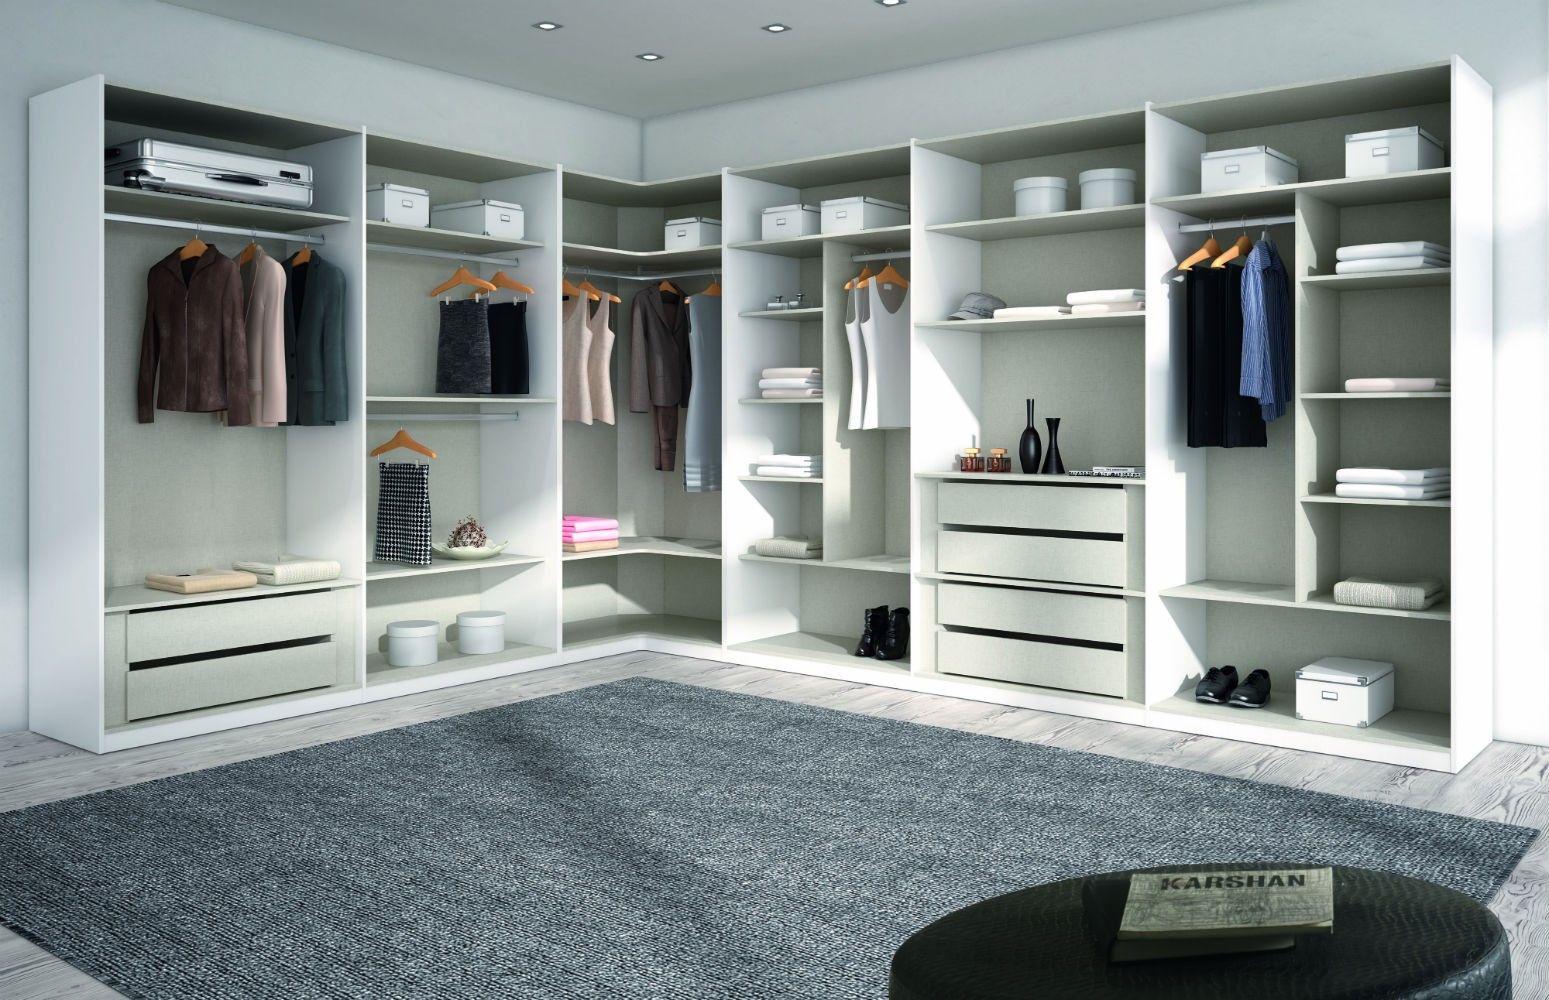 vestidores modernos - Buscar con Google | VESTIDORES | Pinterest ...